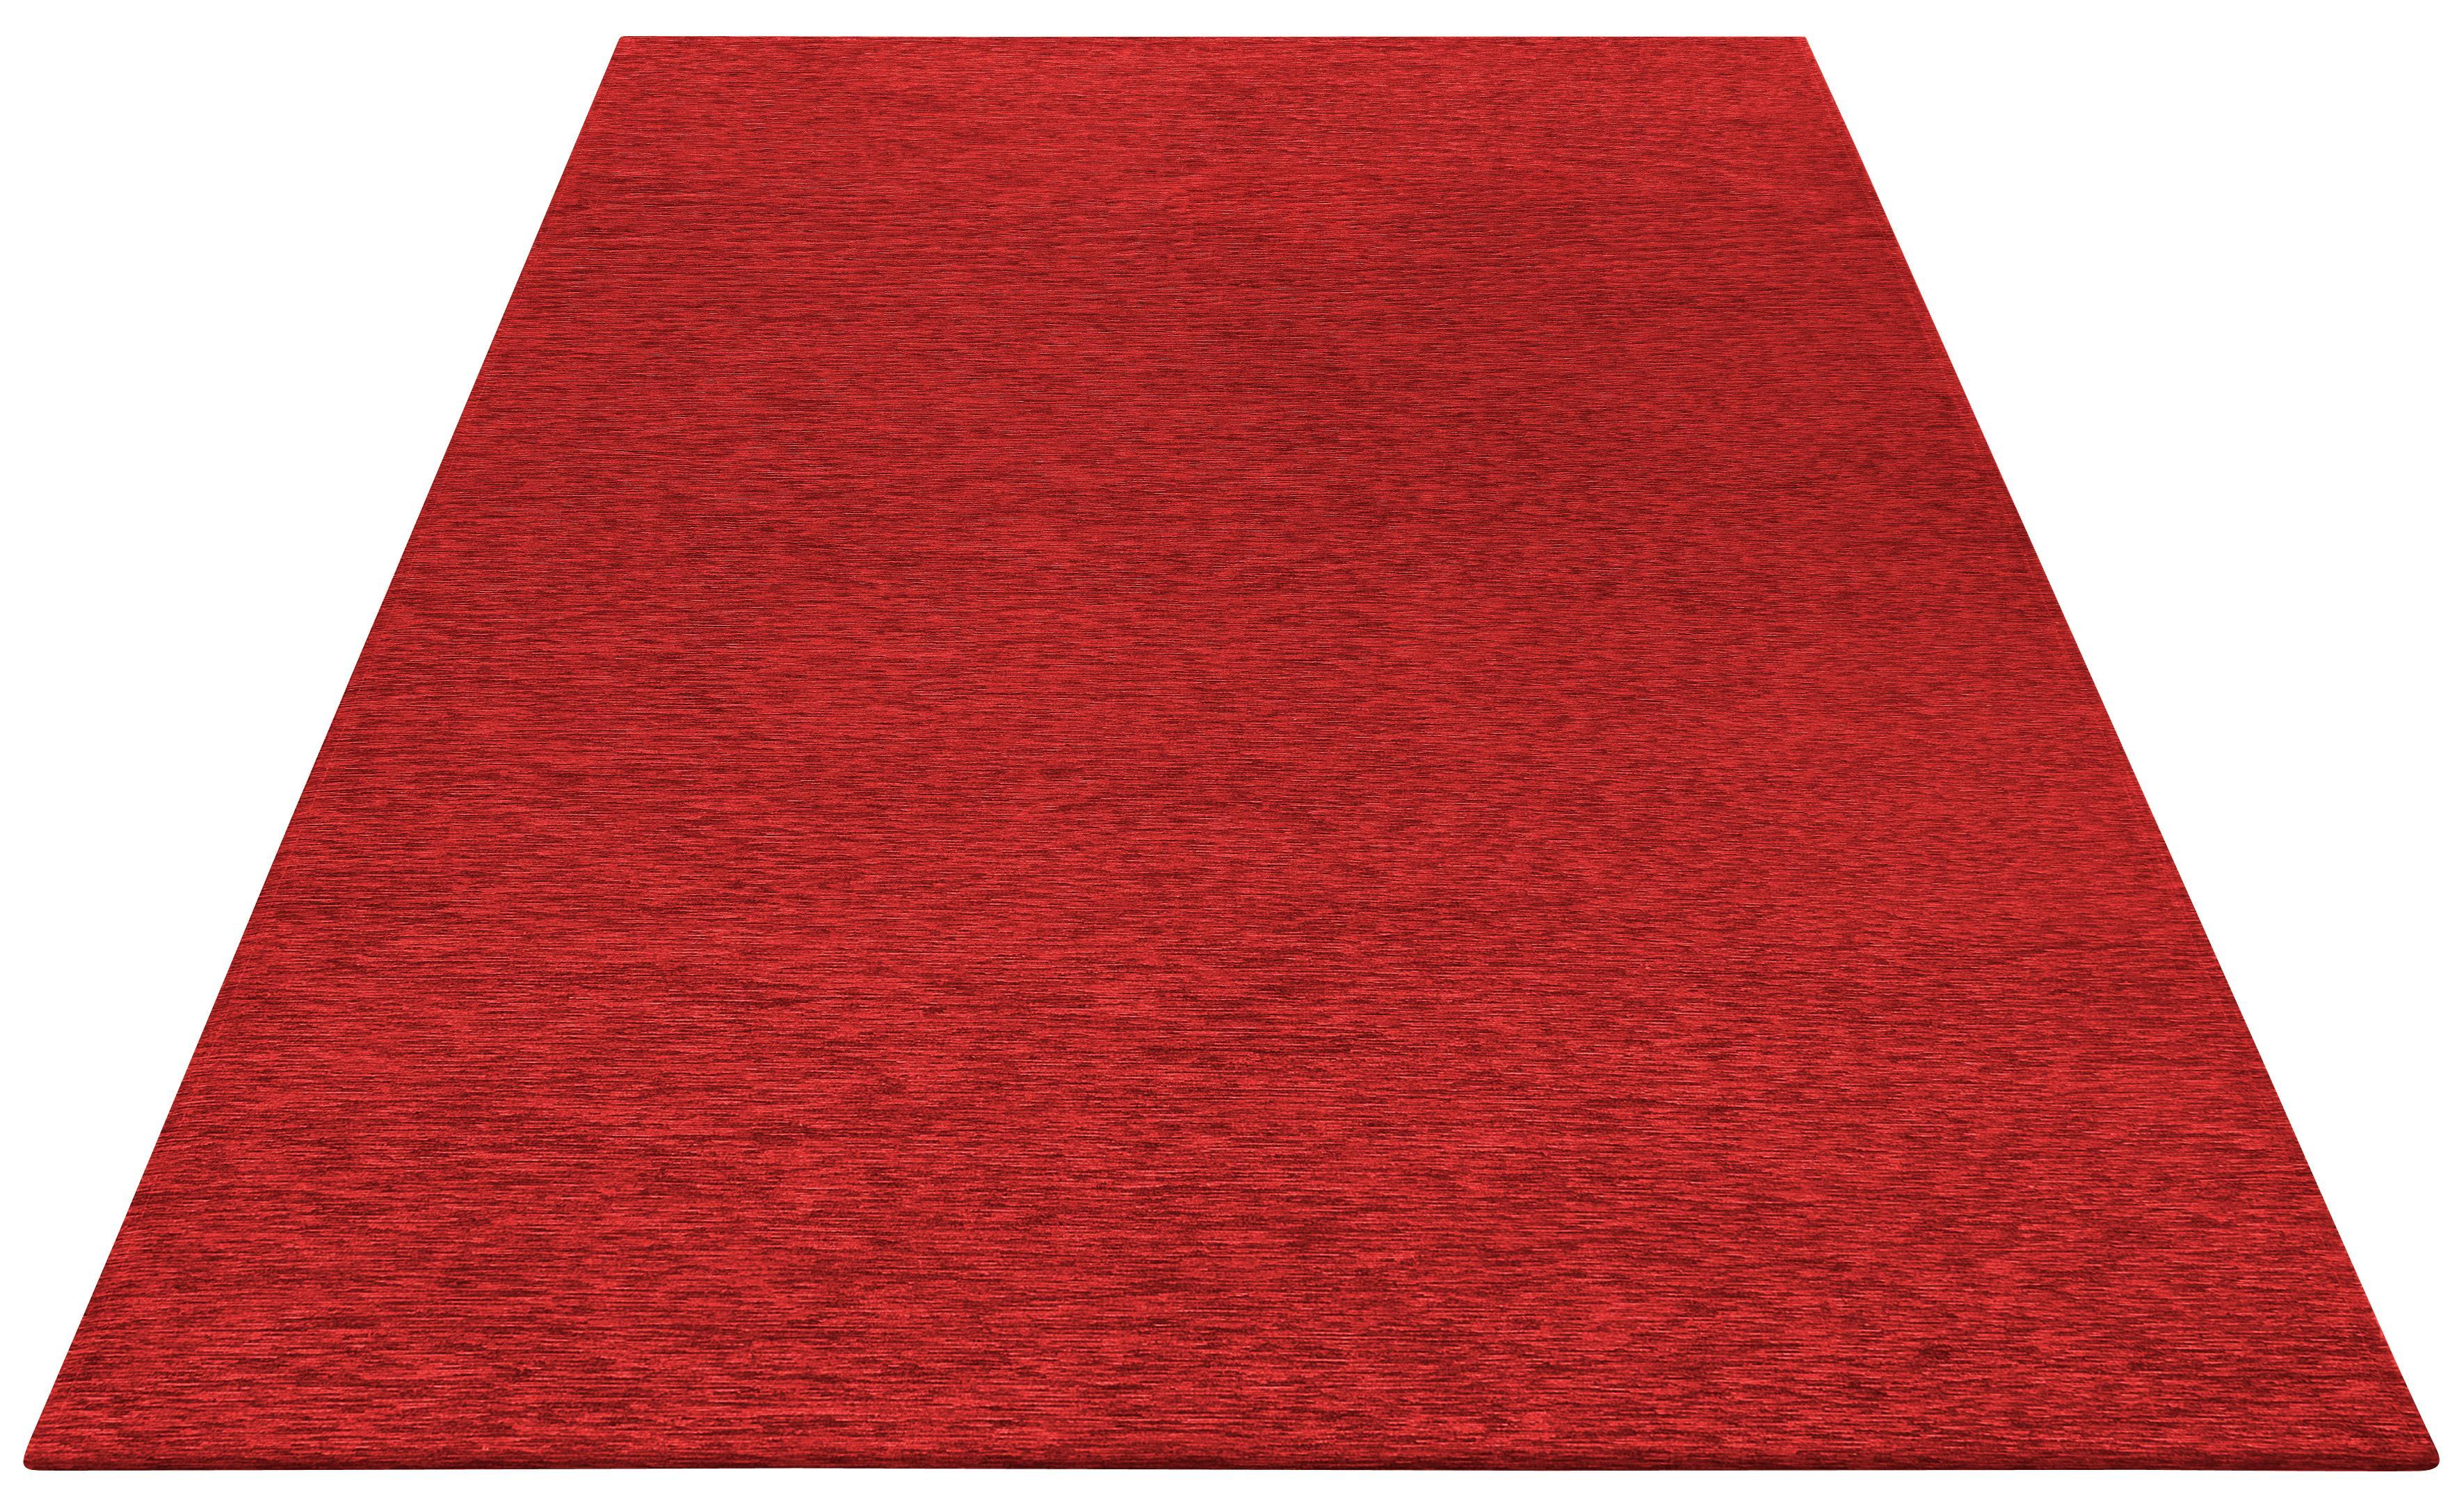 Teppich Piero my home rechteckig Höhe 2 mm maschinell geknüpft